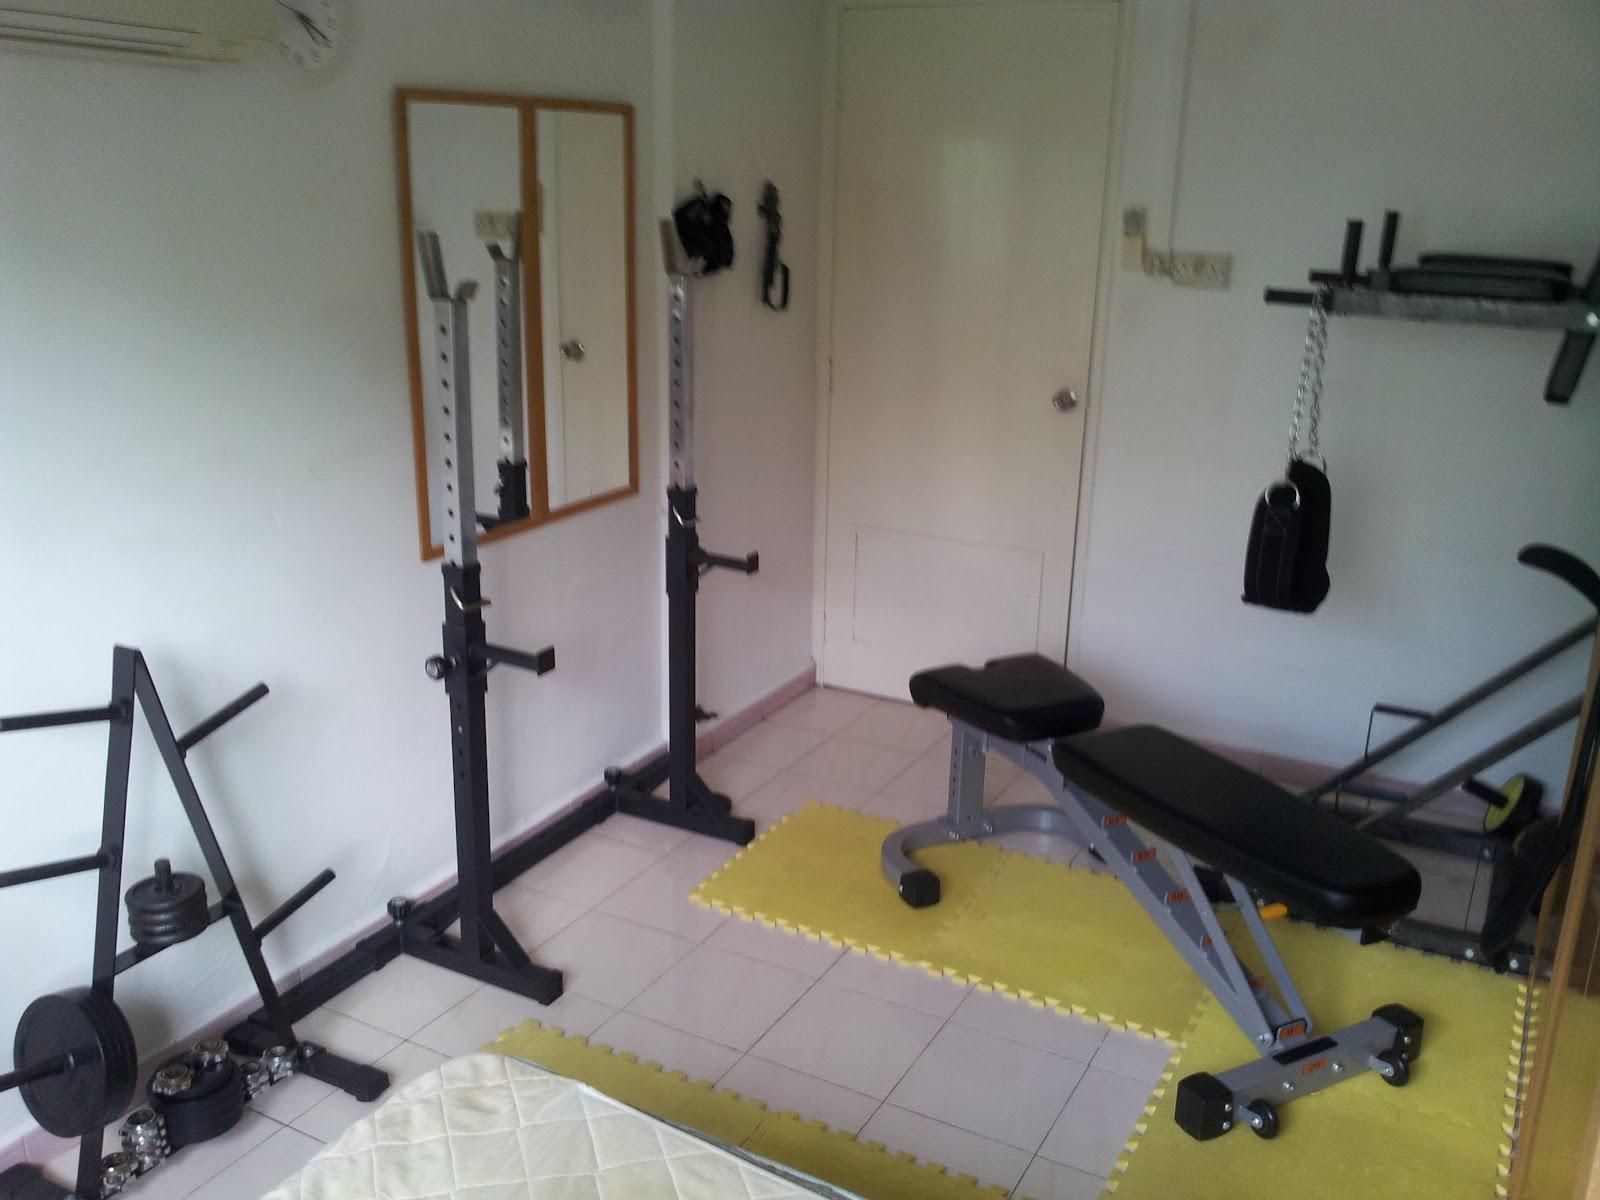 Singapore home gym singapore home gym undergoes renovation a